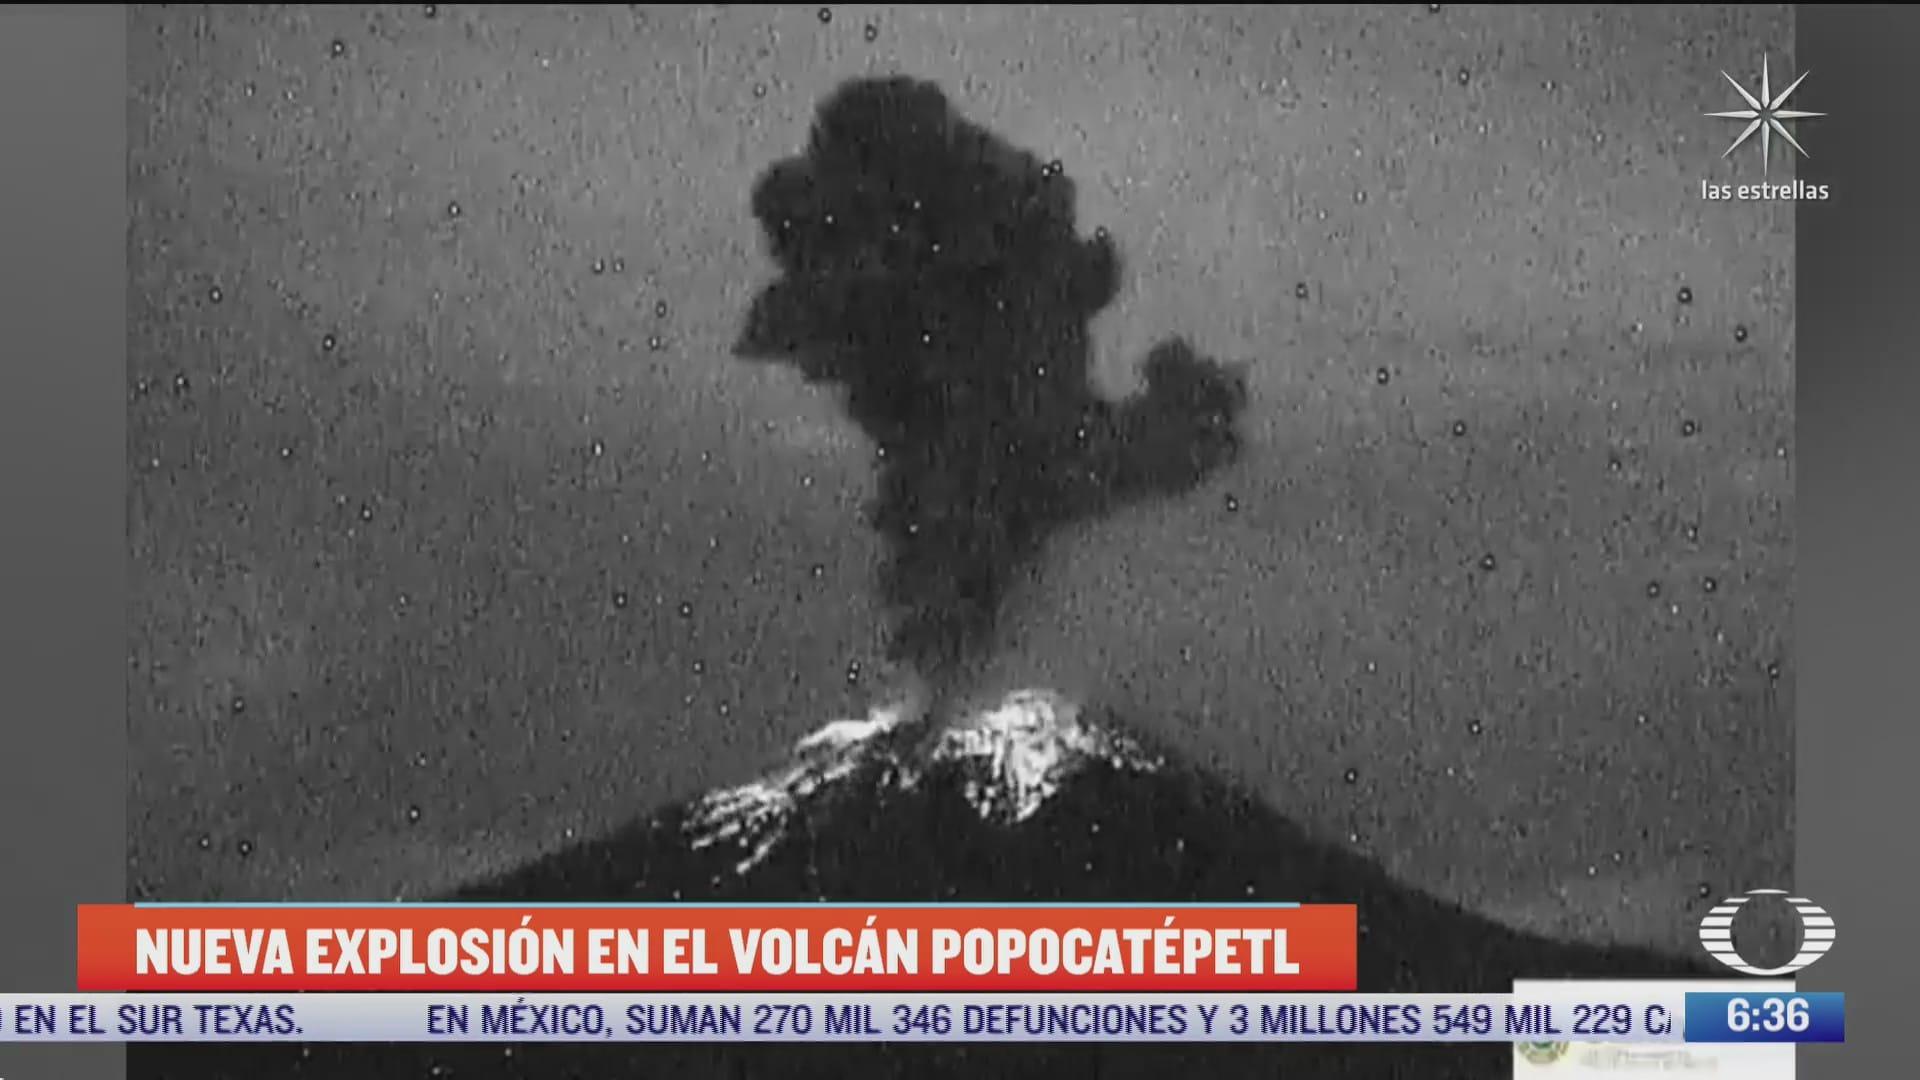 continuan las explosiones en el volcan popocatepetl